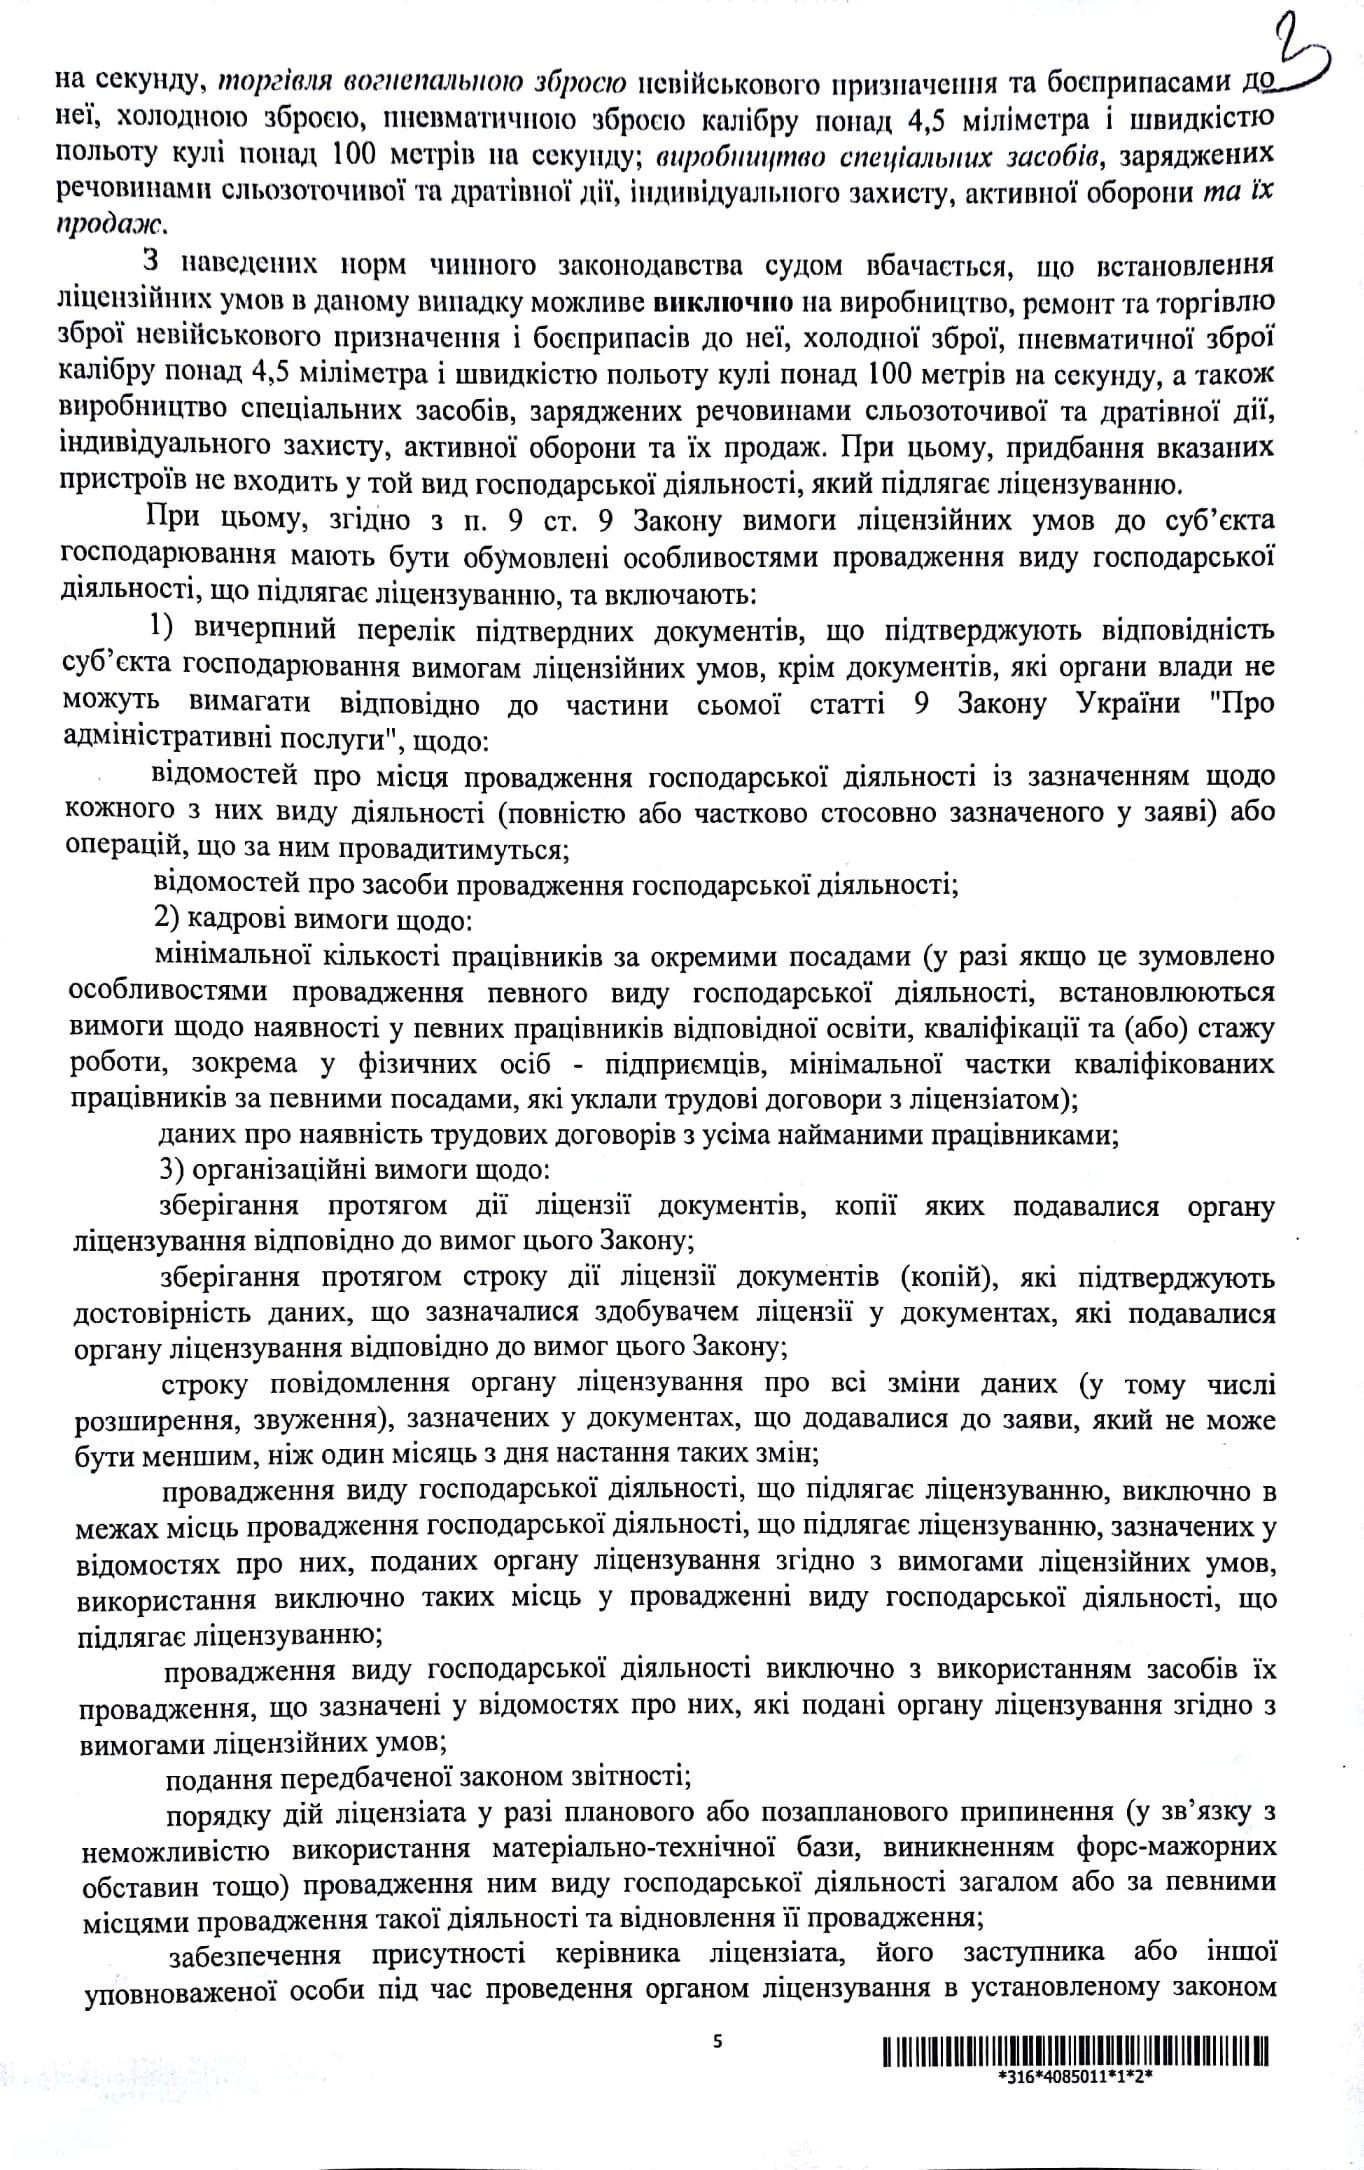 суд КМУ 1000 ст5